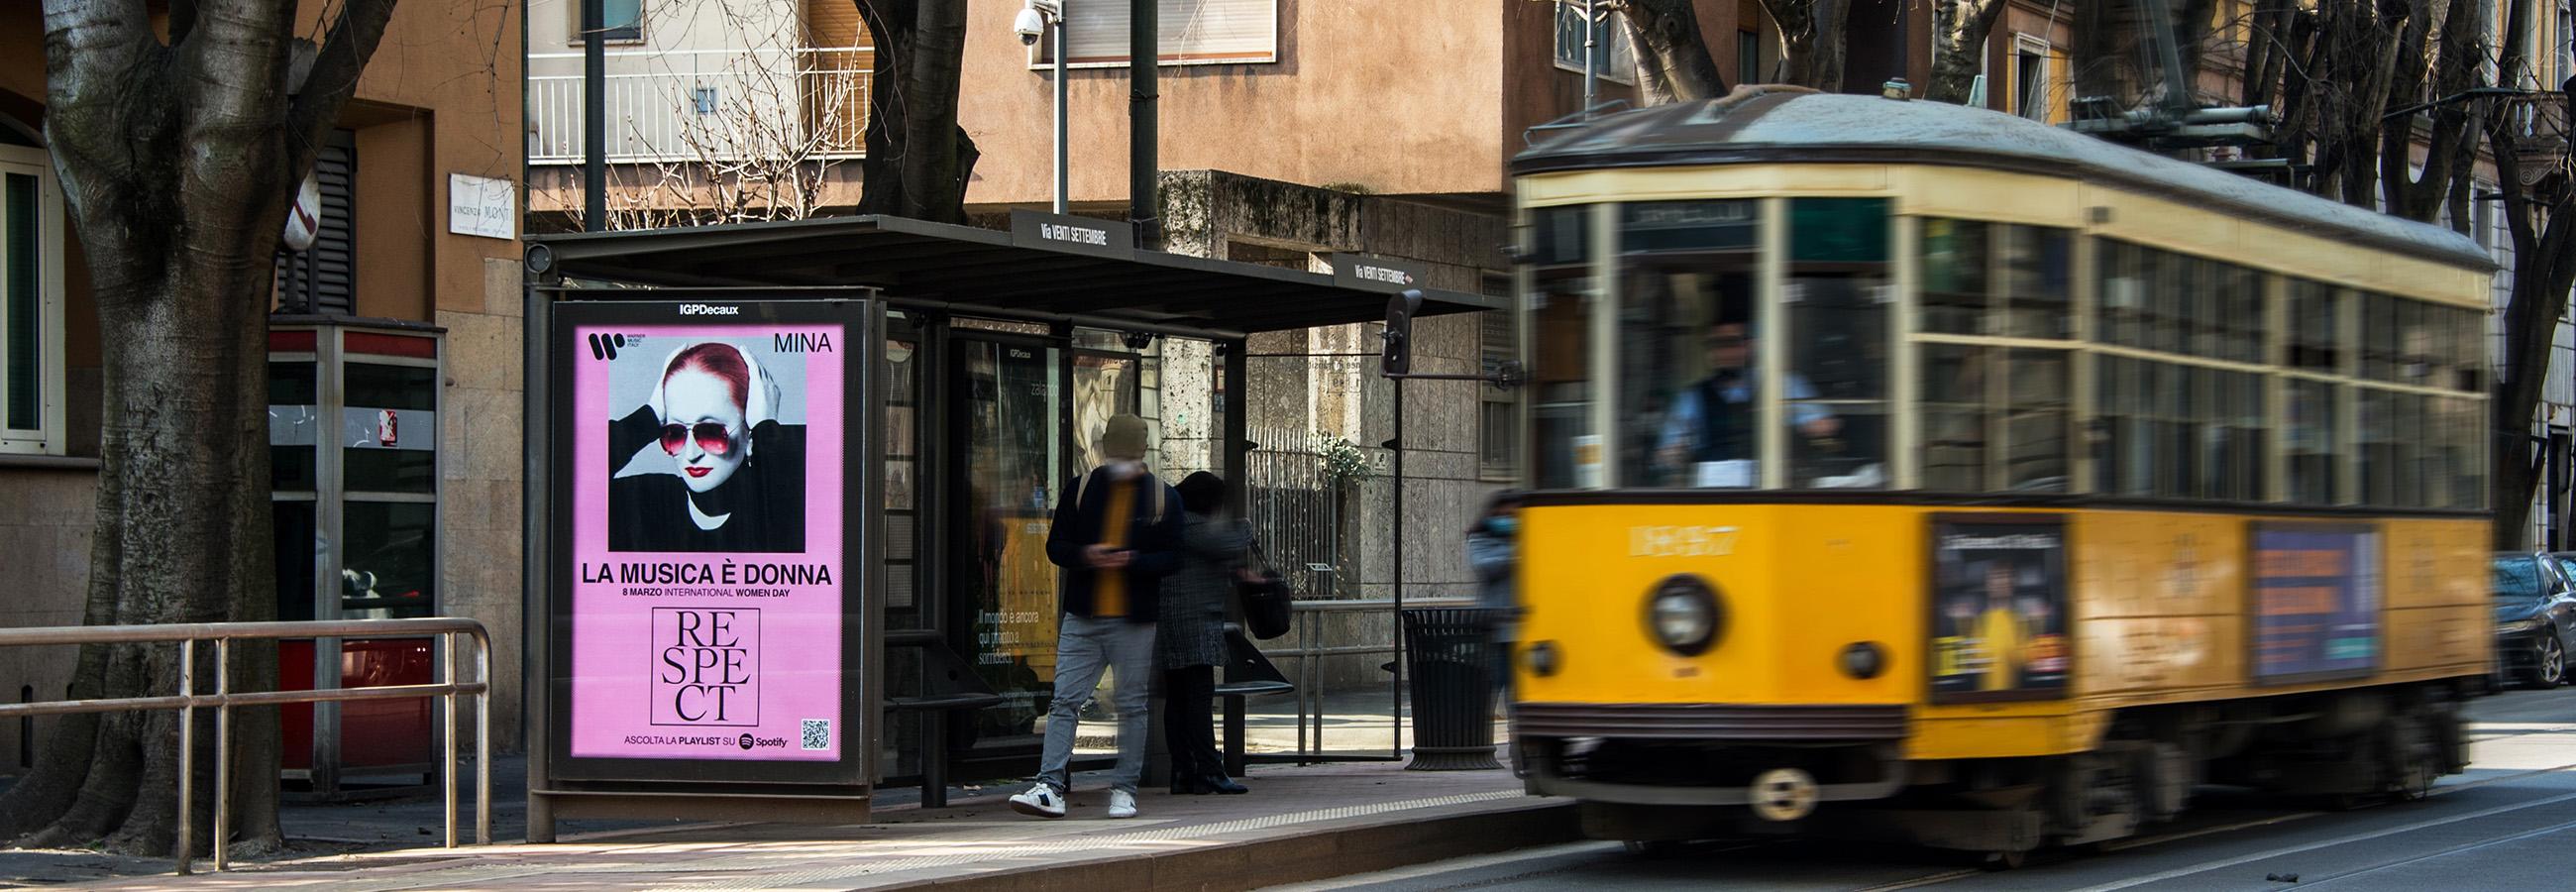 Pubblicità sulle pensiline IGPDecaux Milano Warner Music Italy